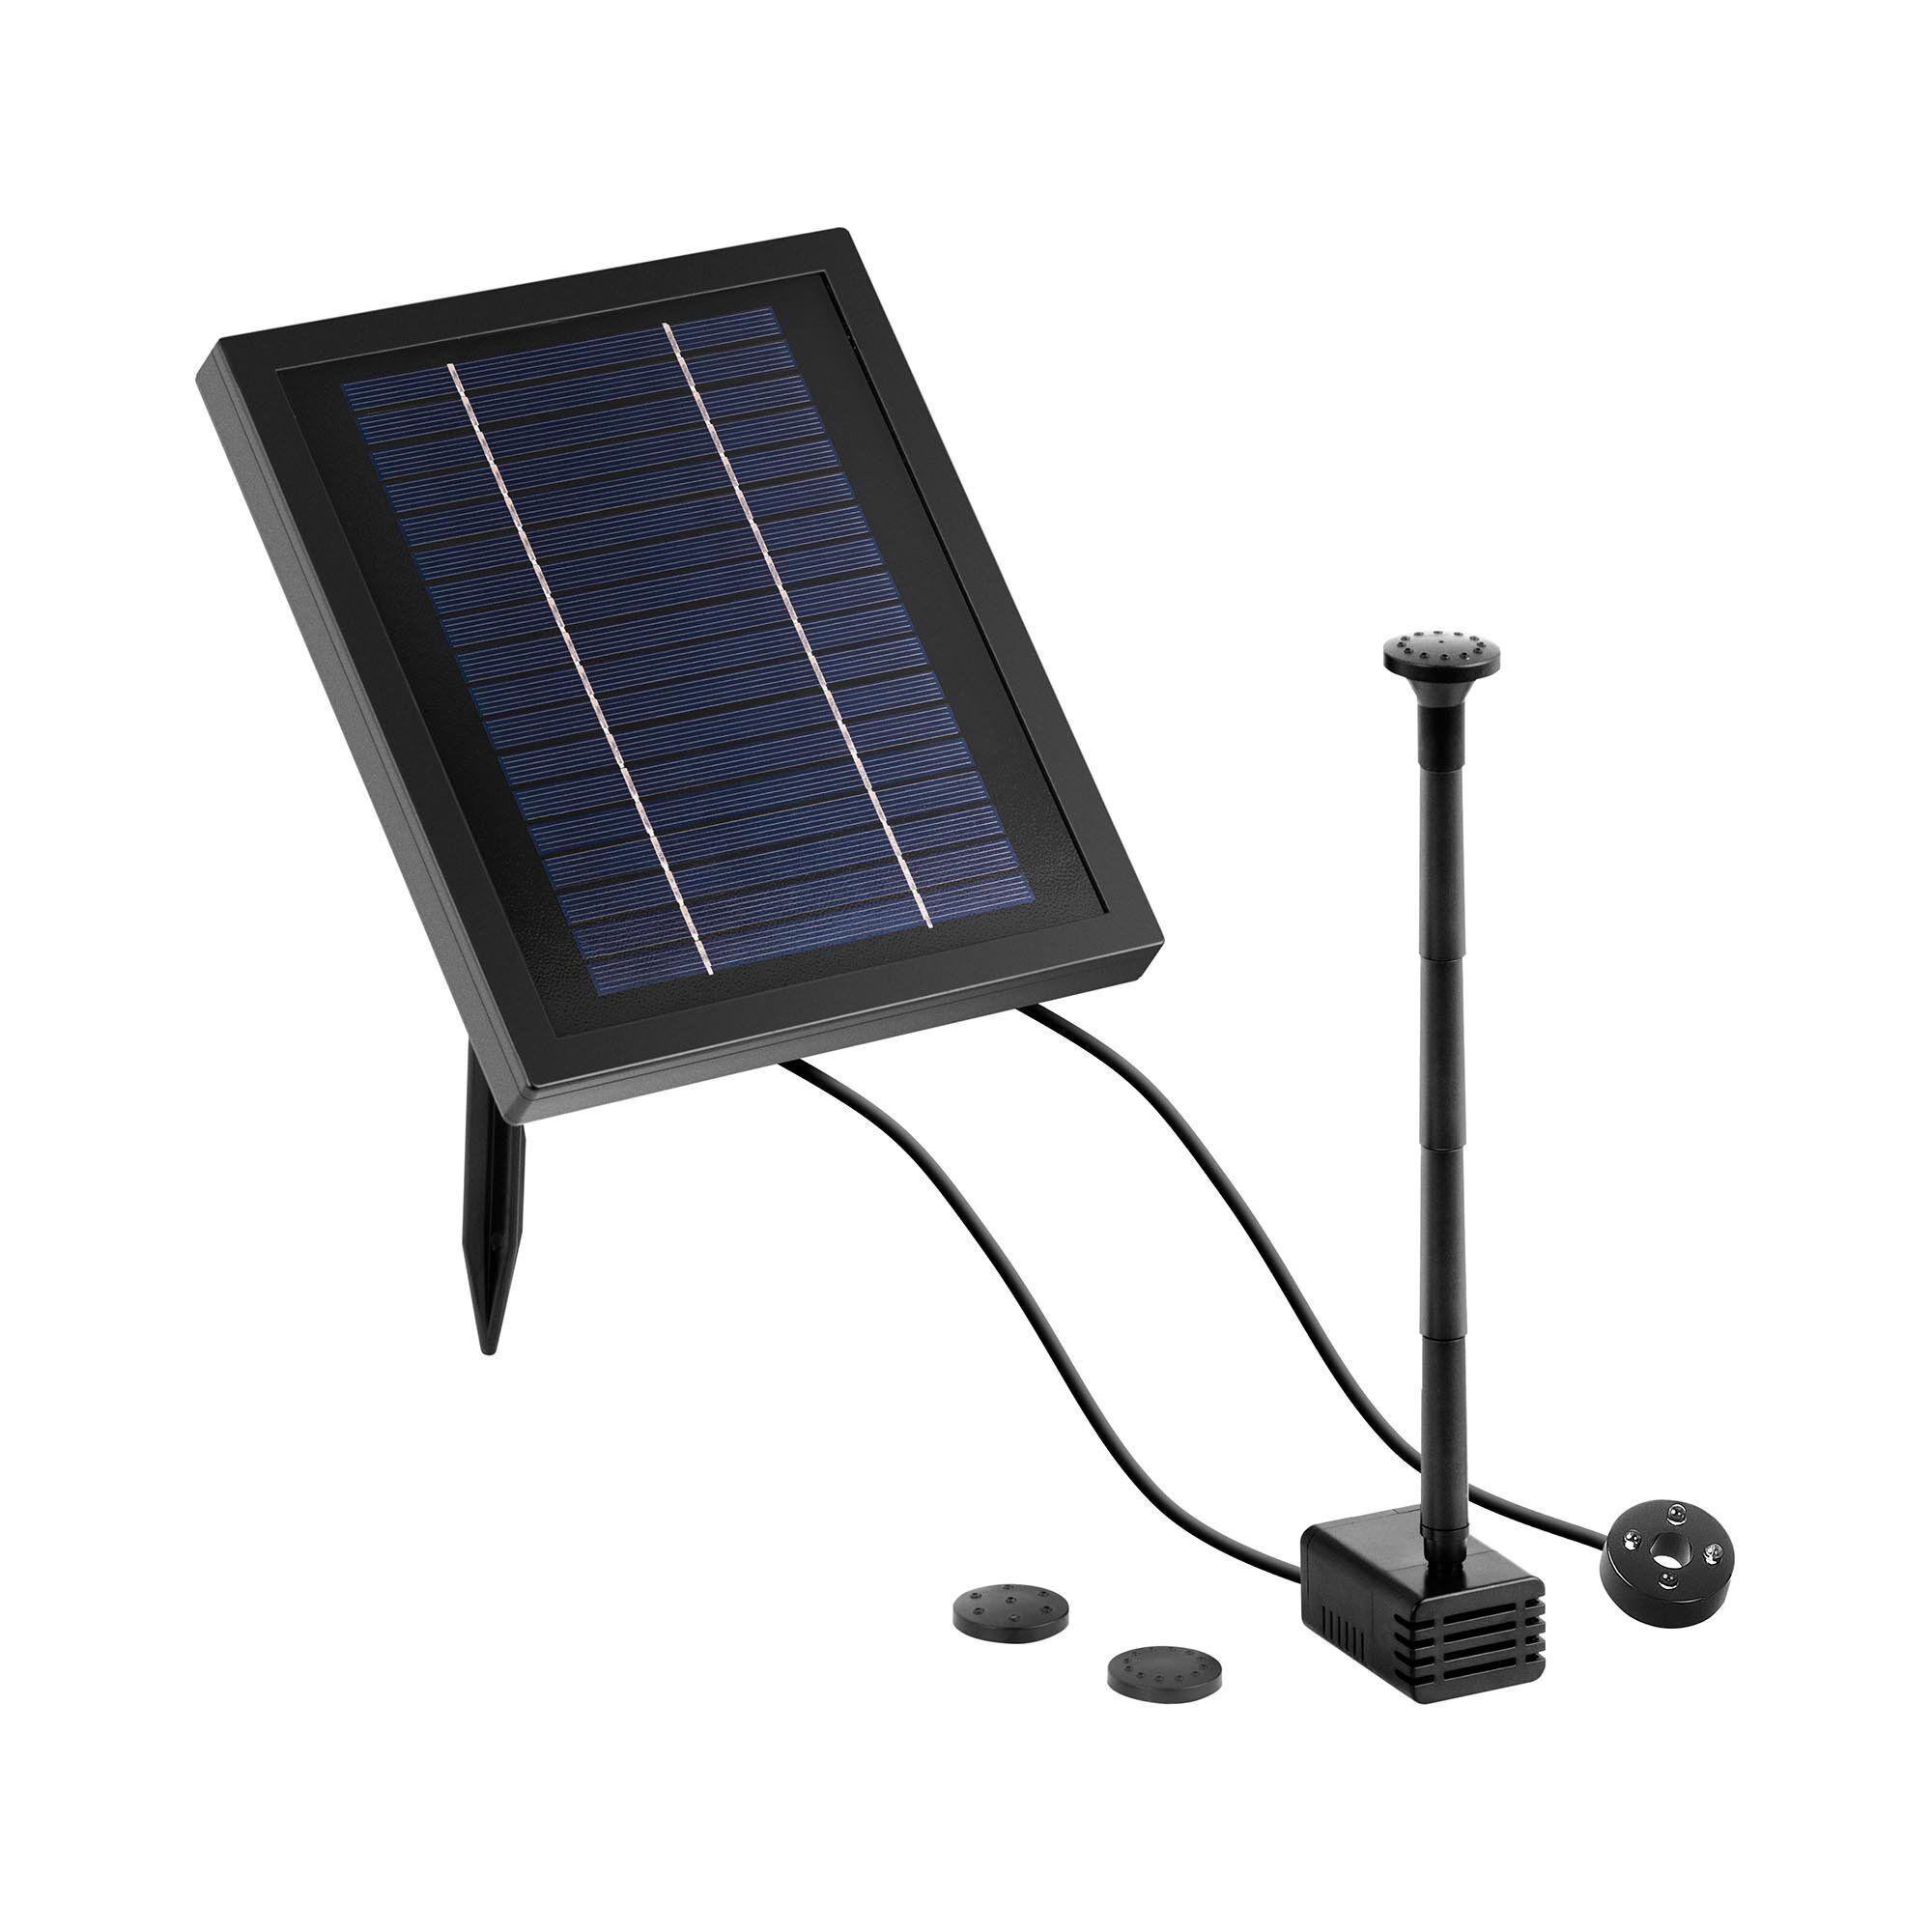 Uniprodo Solcelledrevet fontene - 250 L/h - LED 10250184